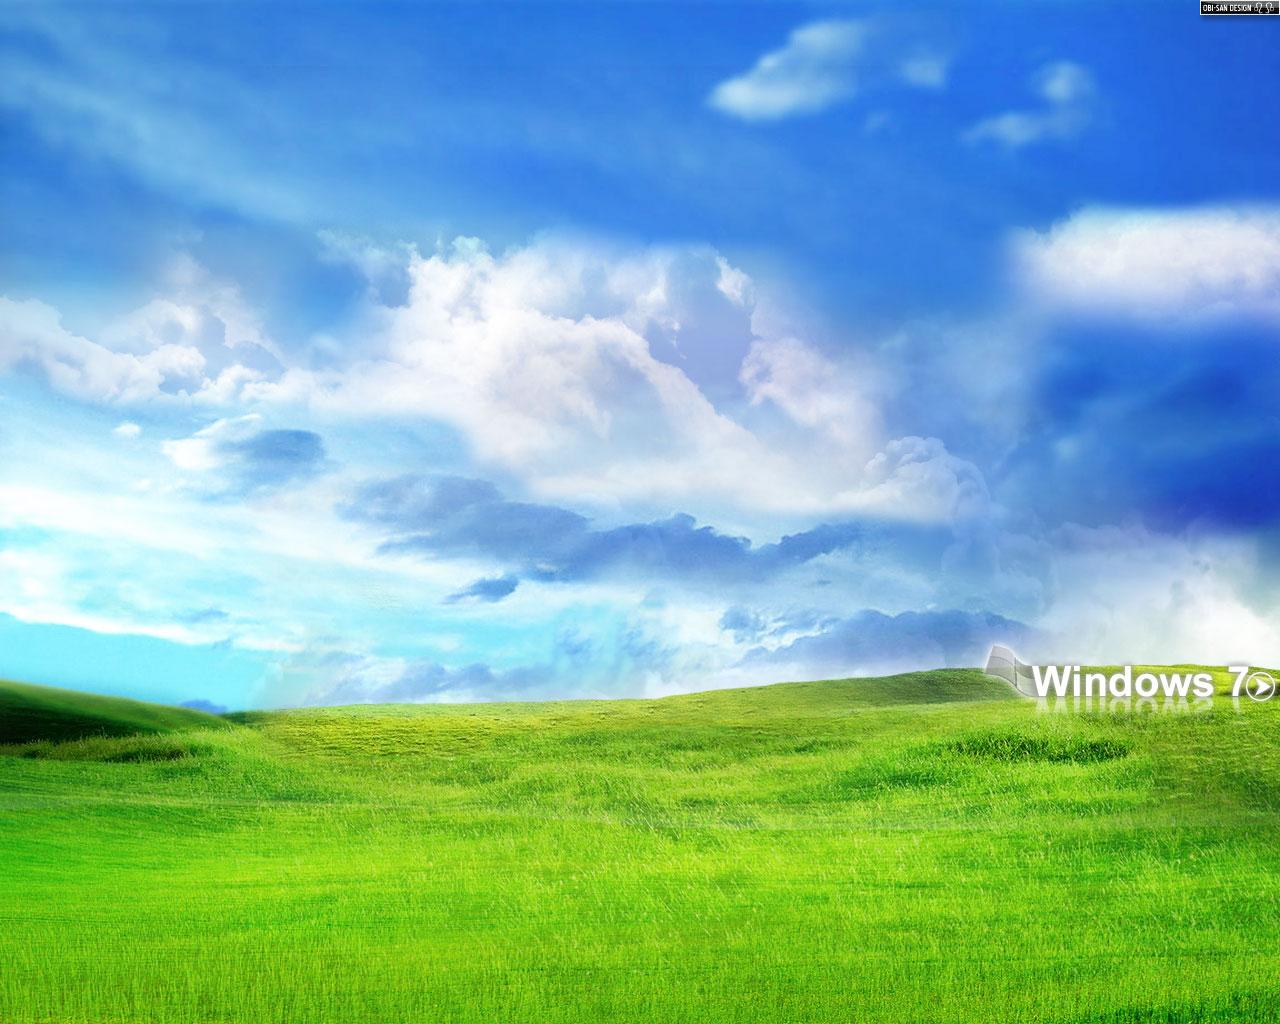 http://4.bp.blogspot.com/-bGUKUdfd08M/TVau3od9TJI/AAAAAAAAAeo/cTWjw--PgMU/s1600/windows_vista_inspirant_4___w7_by_obi_s4n.jpg